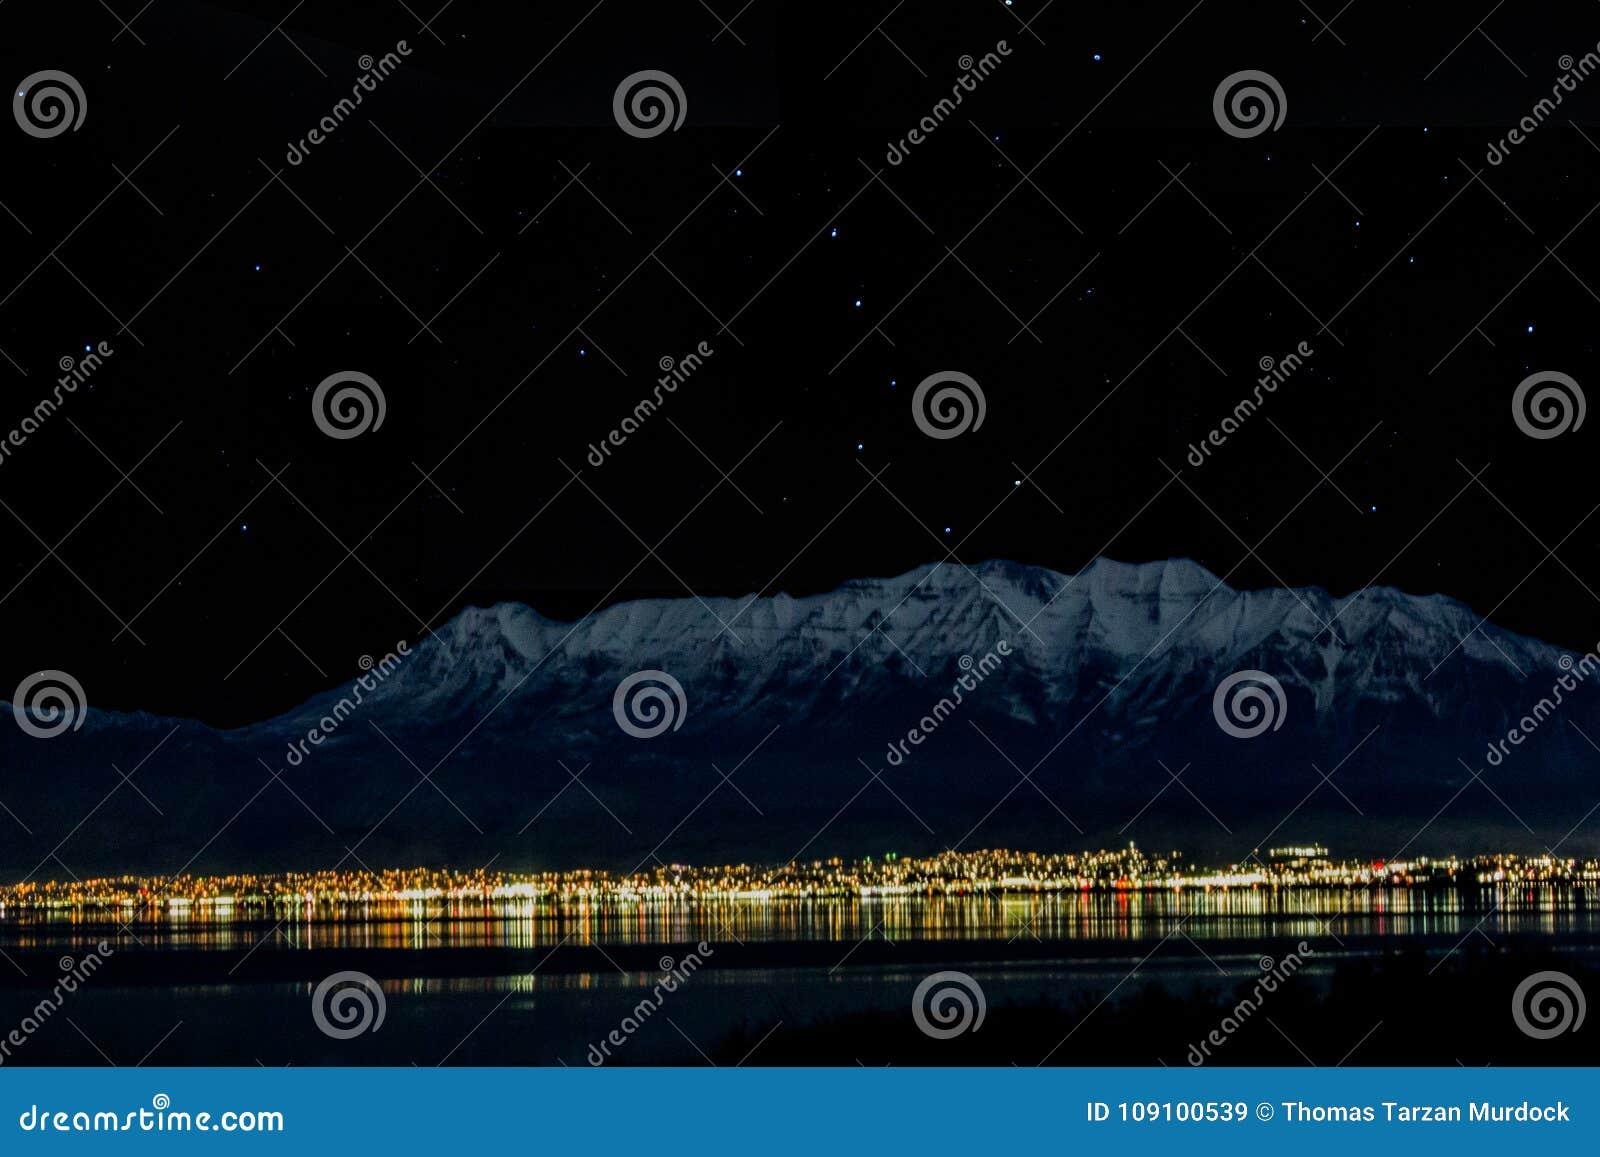 1-28-2018- Goshen, Utah/USA - Timpanogos de enfrente del lago en la noche con la demostración de las estrellas y del cazo grande